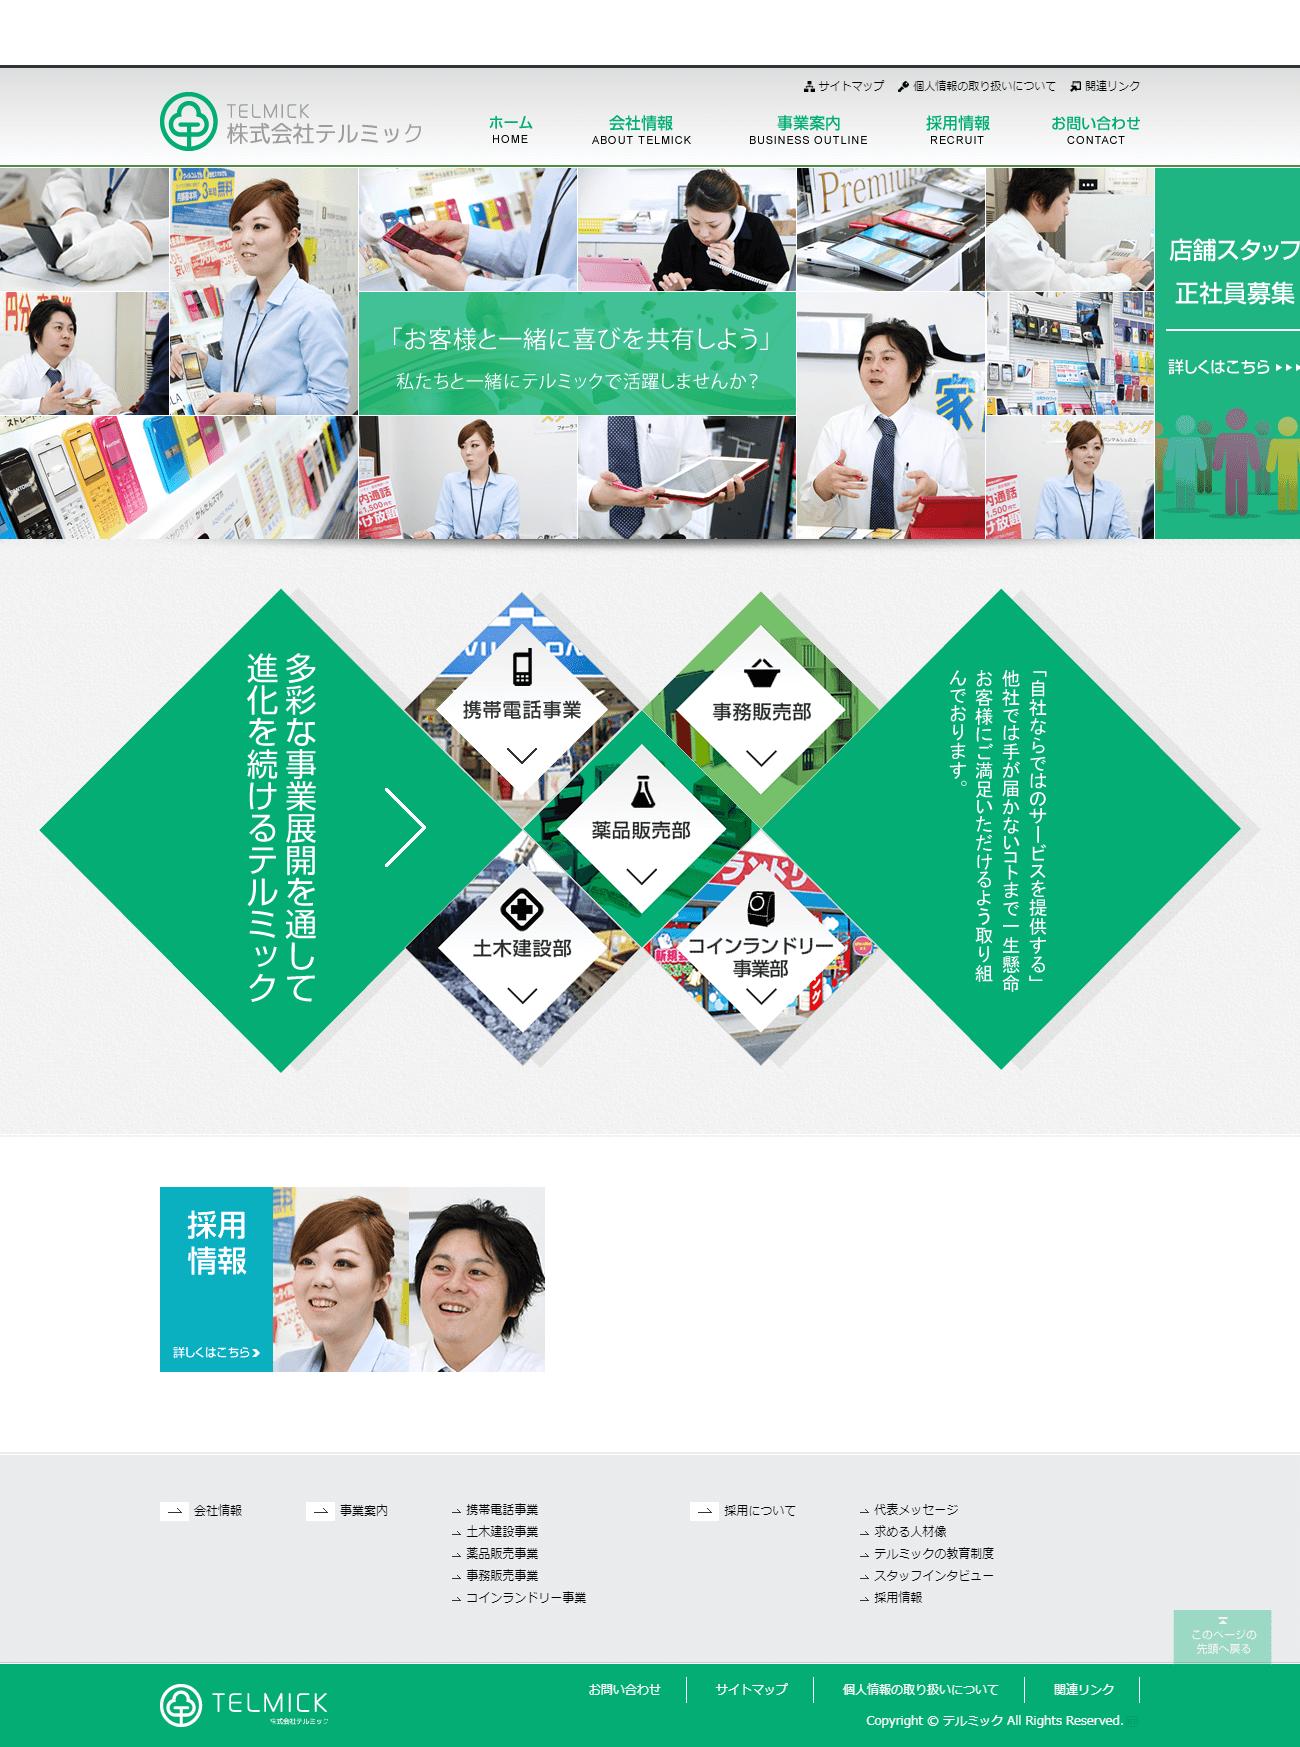 旧サイト:姫路市 株式会社テルミック ホームページ制作